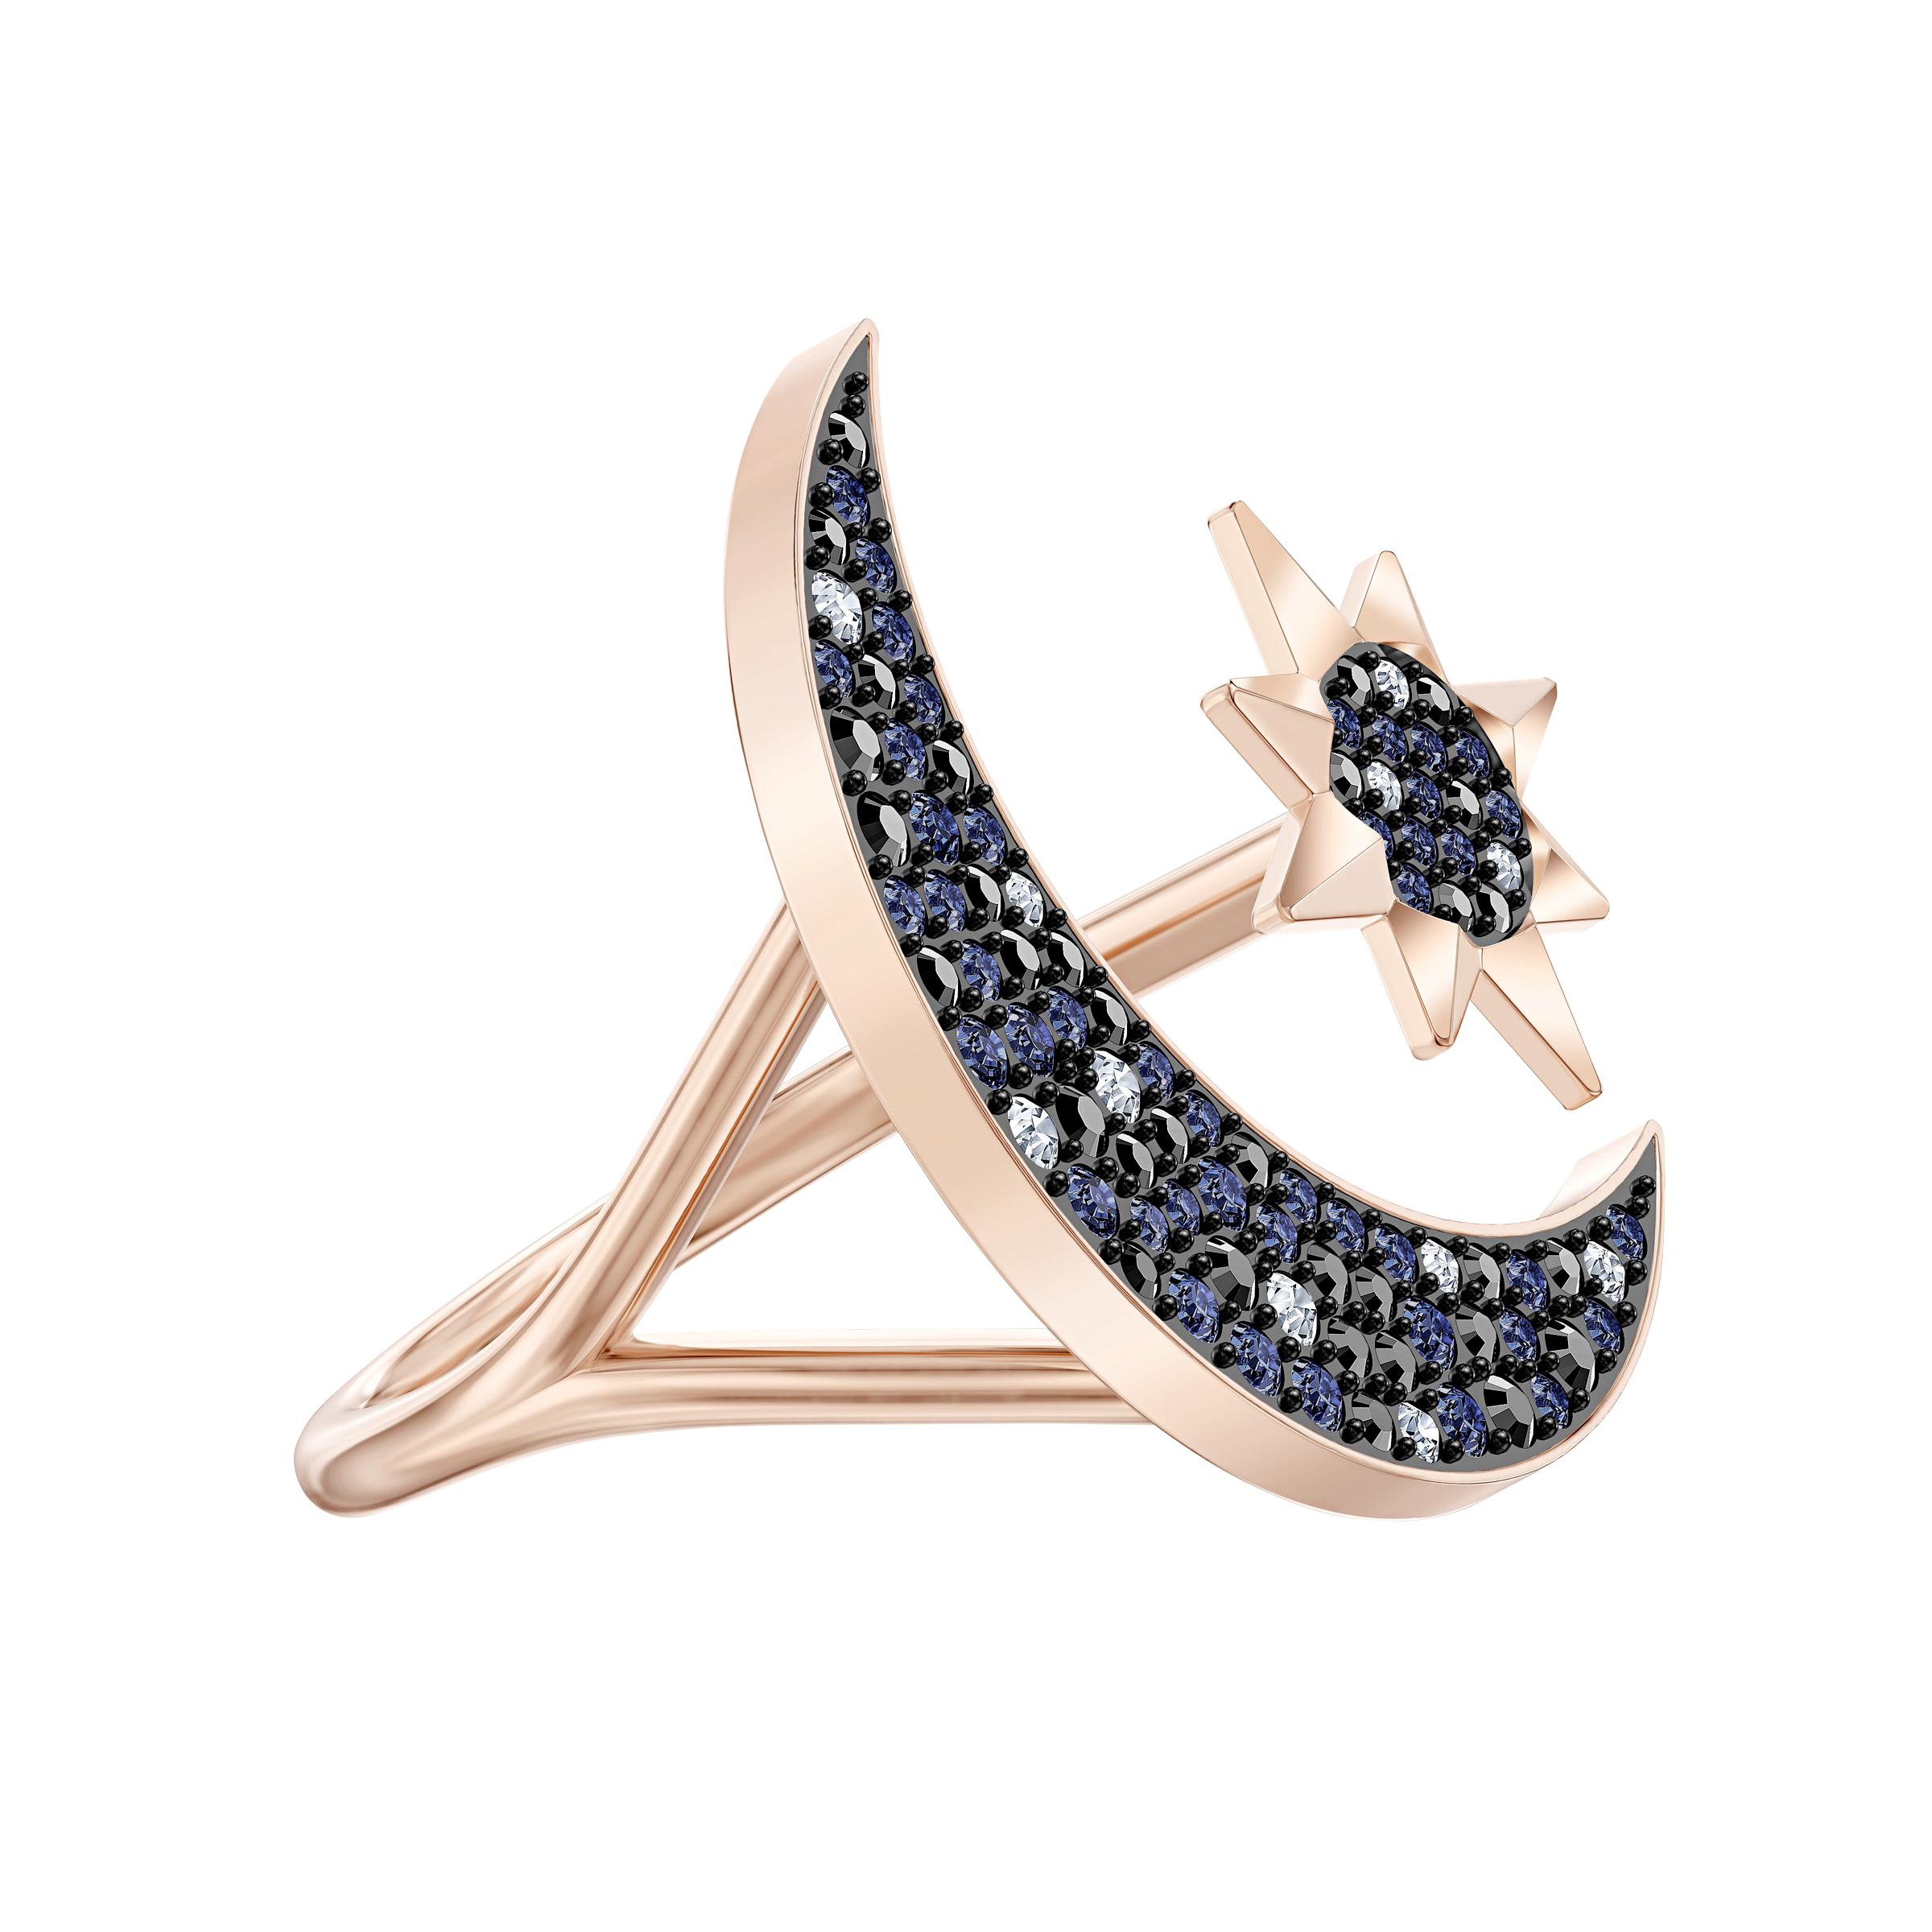 خاتم  Symbolic من سواروفسكي على شكل القمر ، متعدد الألوان ، مطلي باللون الذهبي الوردي